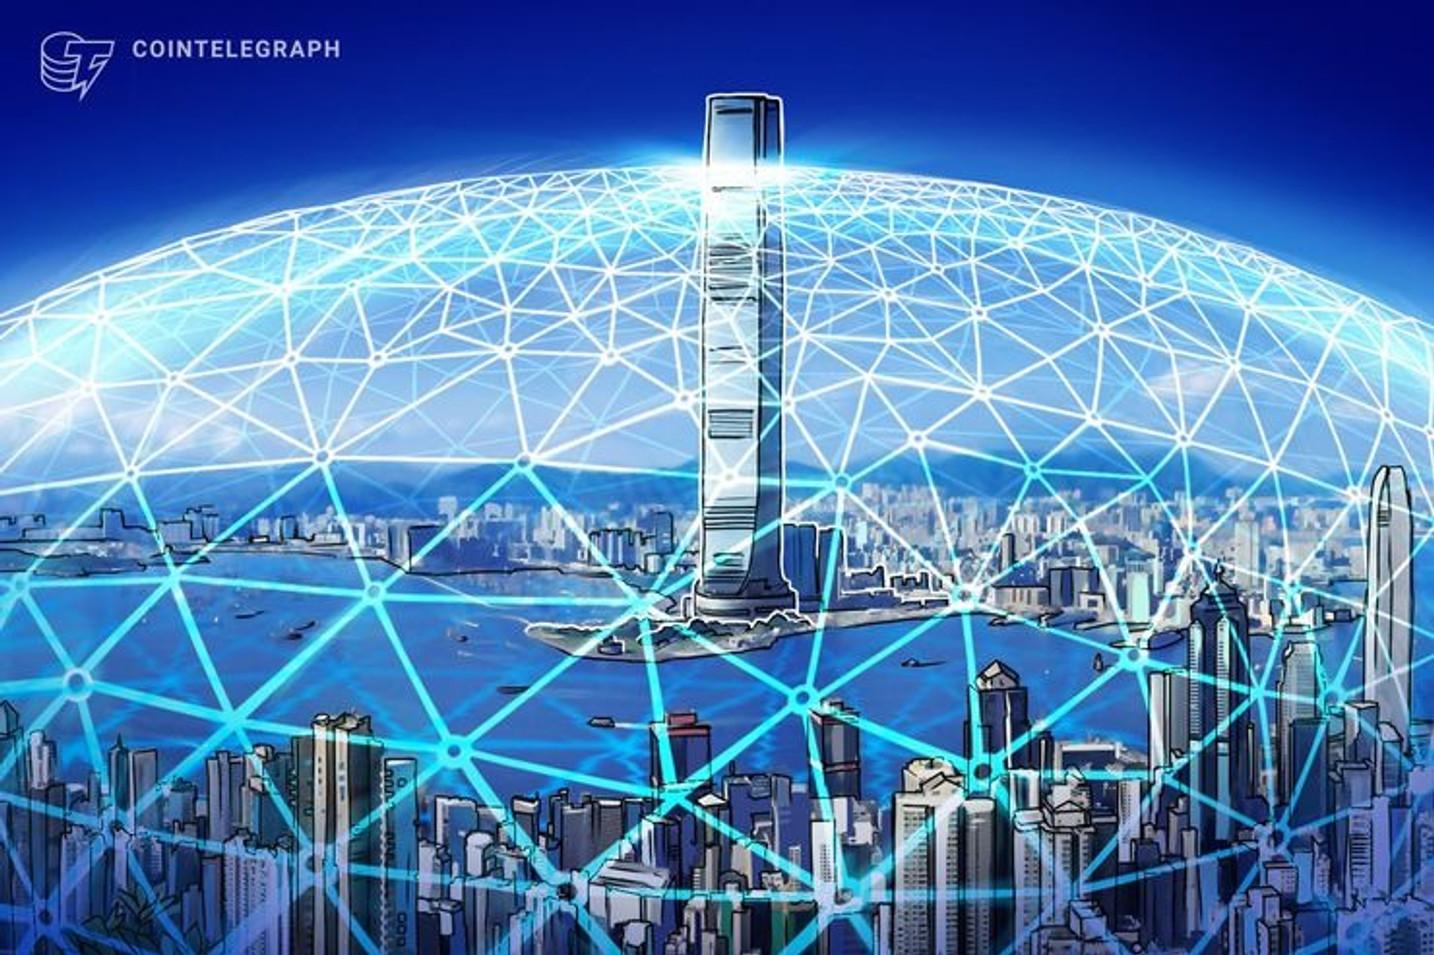 【速報】香港規制当局、仮想通貨取引所への規制方針を発表 「少なくとも1つのセキュリティートークンをトレードすること」が条件